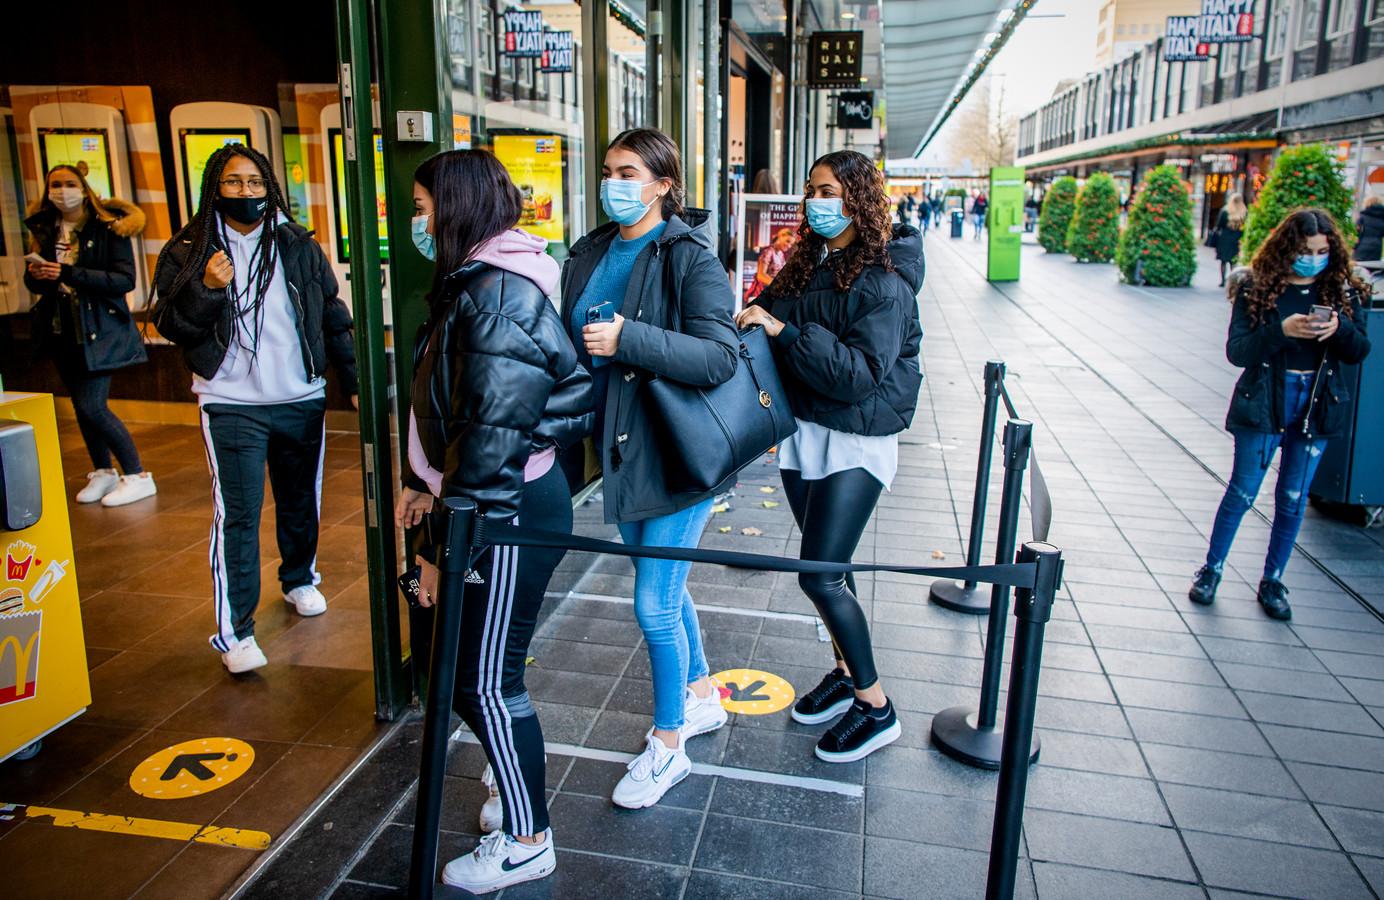 Mondkapjes zijn verplicht in winkels en andere publieke binnenruimtes. In het centrum van Rotterdam doet vrijwel iedereen een kapje op.